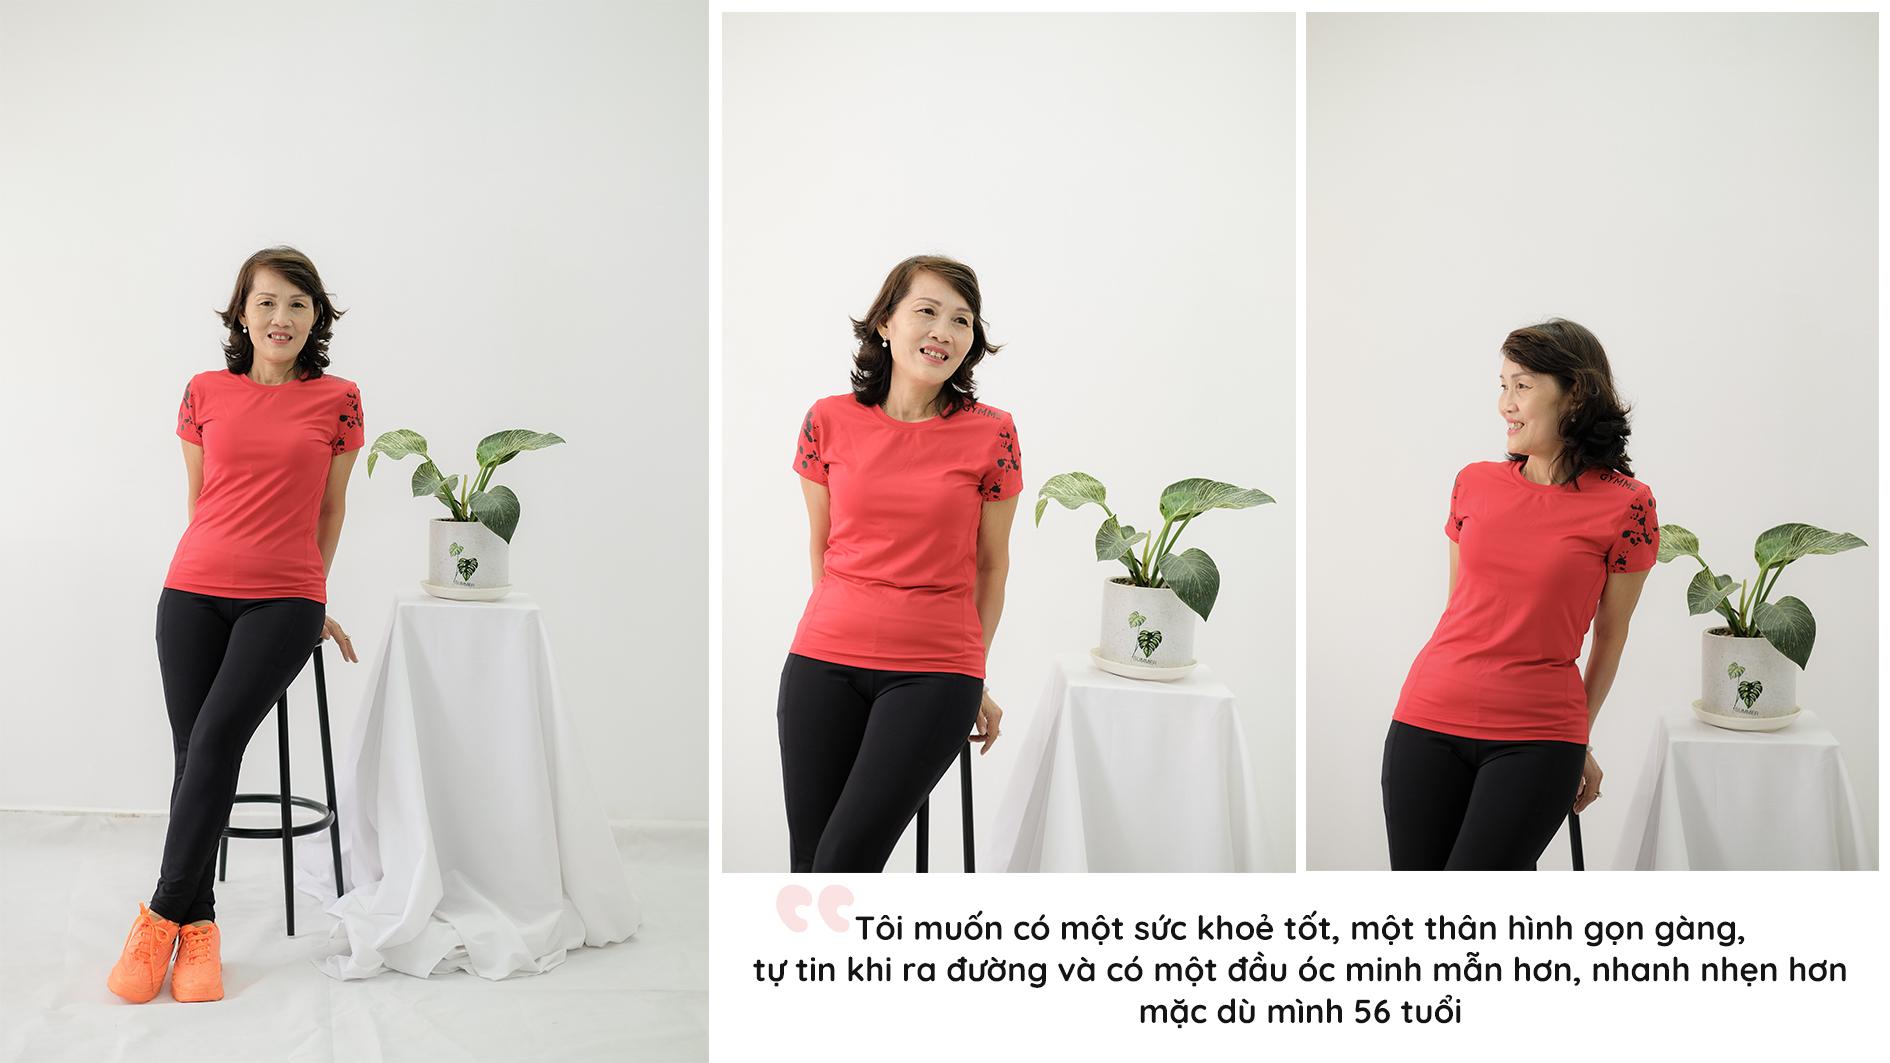 Gym Mơ - Nguyễn Thị Thu Trang